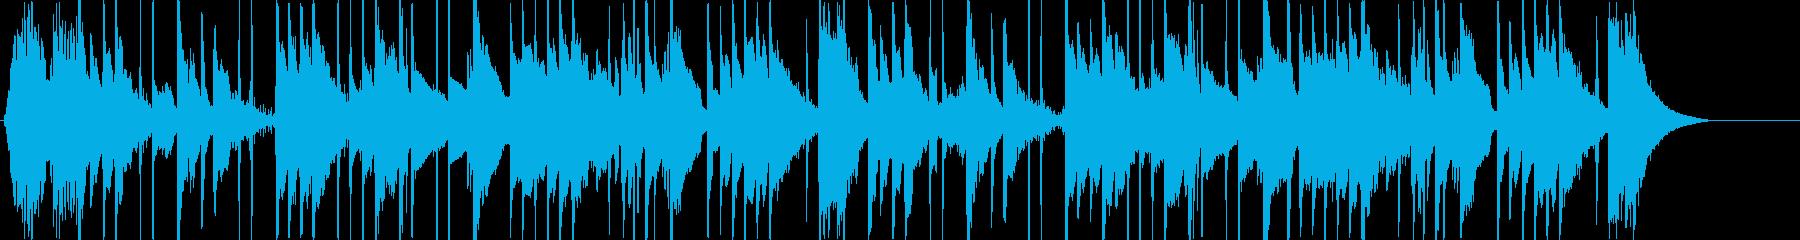 ミステリー用BGMの再生済みの波形